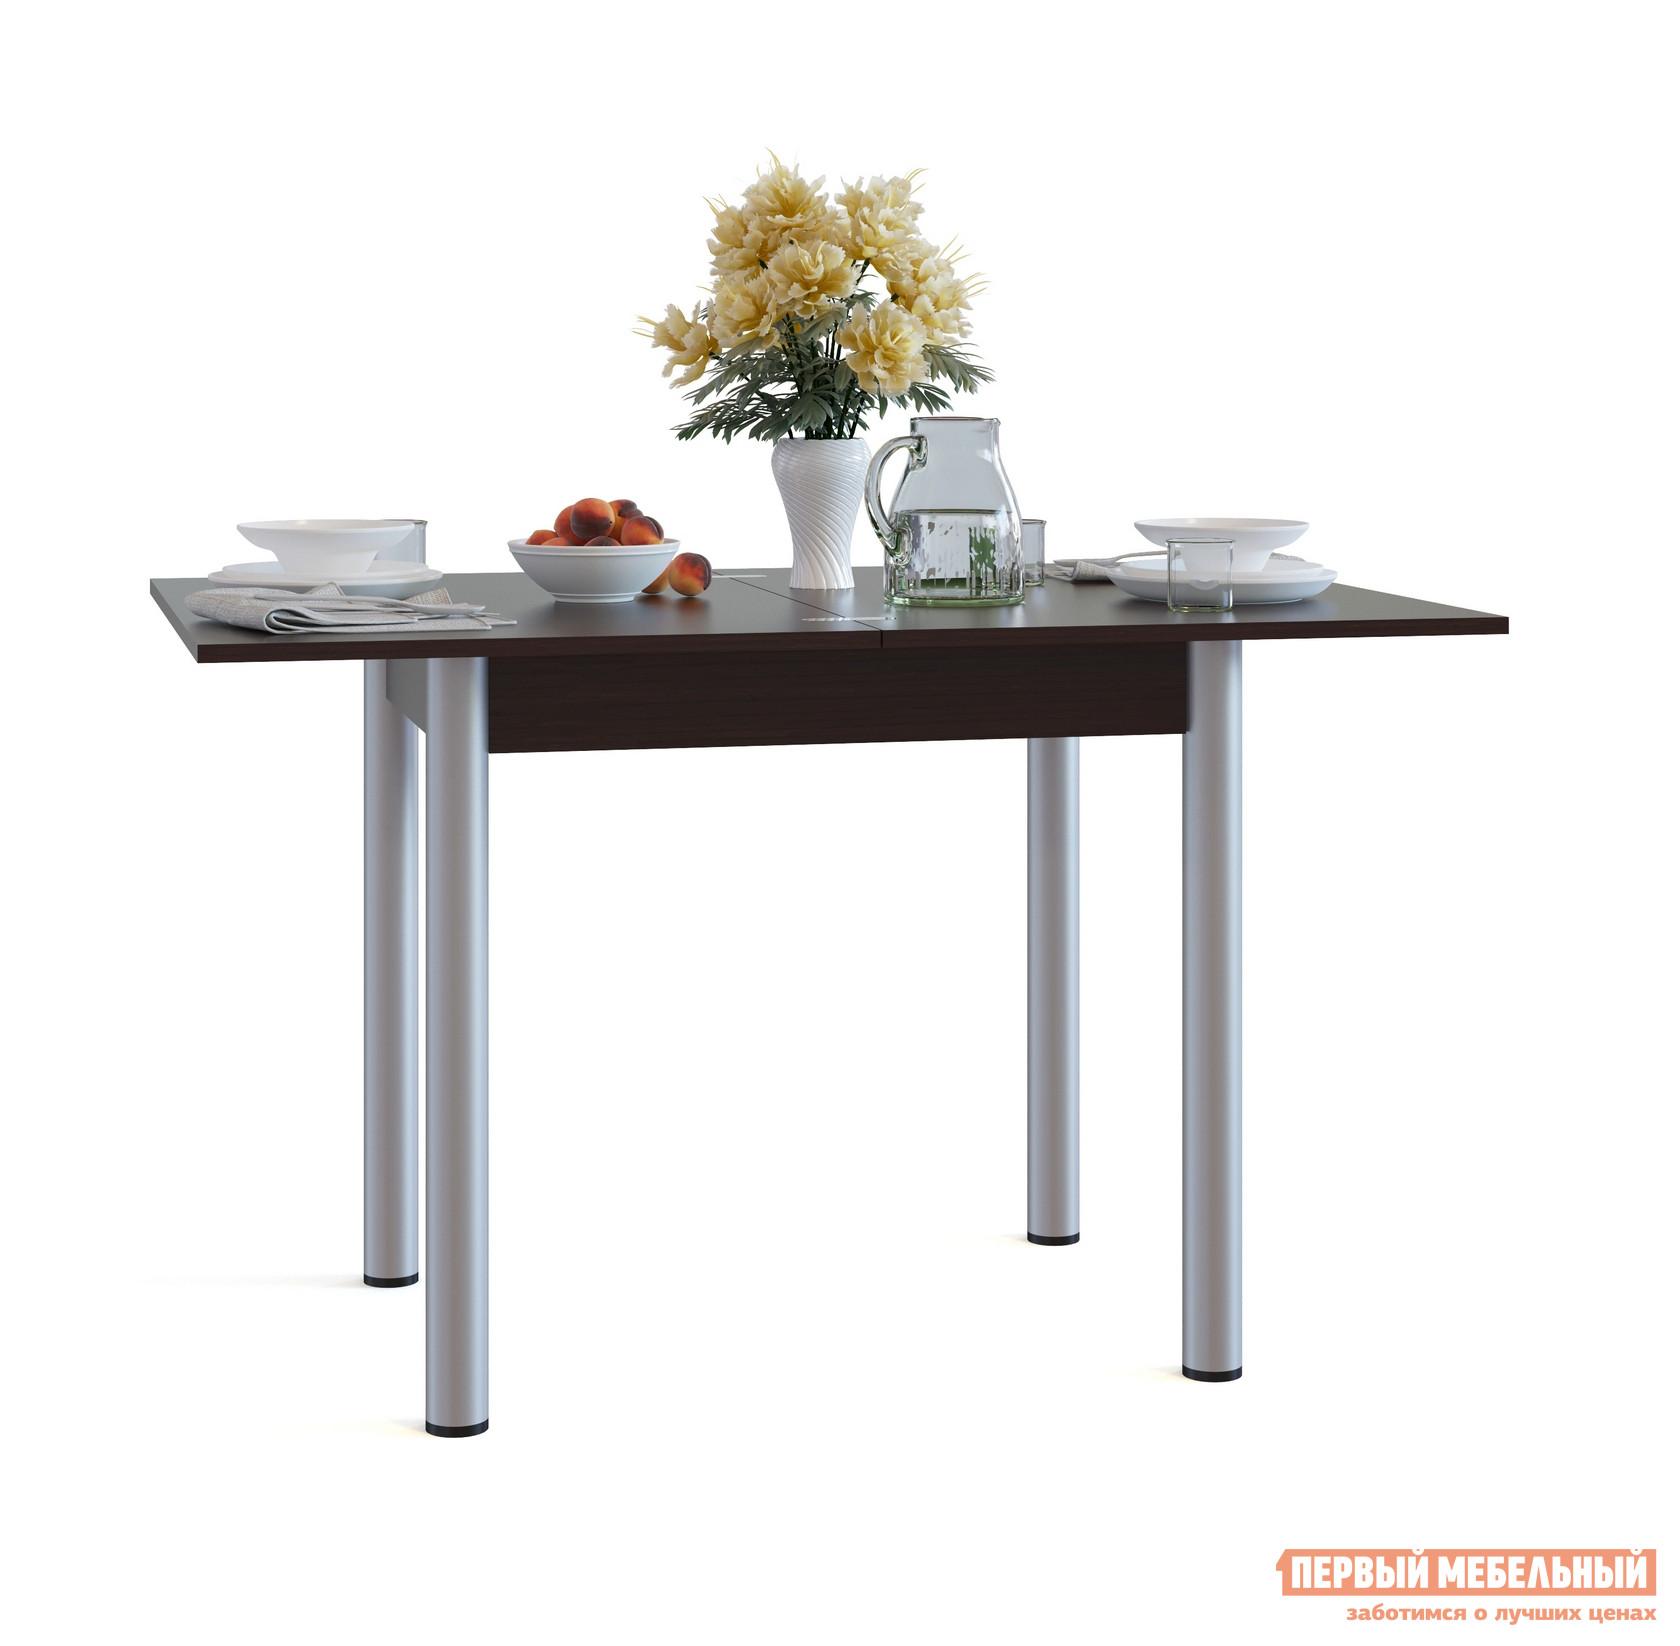 Кухонный стол Сокол СО-1м ВенгеКухонные столы<br>Габаритные размеры ВхШхГ 772 / 756x800 / 1200x600 / 800 мм. Раскладной обеденный стол с компактными размерами идеально пойдет для маленькой кухни.  В сложенном виде размеры столешницы составляют всего 800х600 мм.  Лаконичный стиль исполнения делает модель универсальной для любого интерьера. Стол оснащен раскладным механизмом, который увеличивает ширину столешницы до 1200 мм.  Чтобы разложить стол, нужно отодвинуть столешницу, повернуть ее на 90 градусов и раскрыть как книжку.  Удобно и просто. Обратите внимание! В разложенном состоянии петли находятся на поверхности столешницы. Столешница и подстолье изготавливаются из ЛДСП толщиной 16 мм.  Края столешницы обработаны кромкой ПВХ 2 мм, остальные детали — ПВХ 0,4 мм.  Ножки — металлические.<br><br>Цвет: Венге<br>Цвет: Венге<br>Высота мм: 772 / 756<br>Ширина мм: 800 / 1200<br>Глубина мм: 600 / 800<br>Кол-во упаковок: 1<br>Форма поставки: В разобранном виде<br>Срок гарантии: 2 года<br>Тип: Раскладные, Трансформер<br>Материал: Деревянные, из ЛДСП<br>Форма: Прямоугольные<br>Размер: Маленькие<br>Особенности: С металлическими ножками